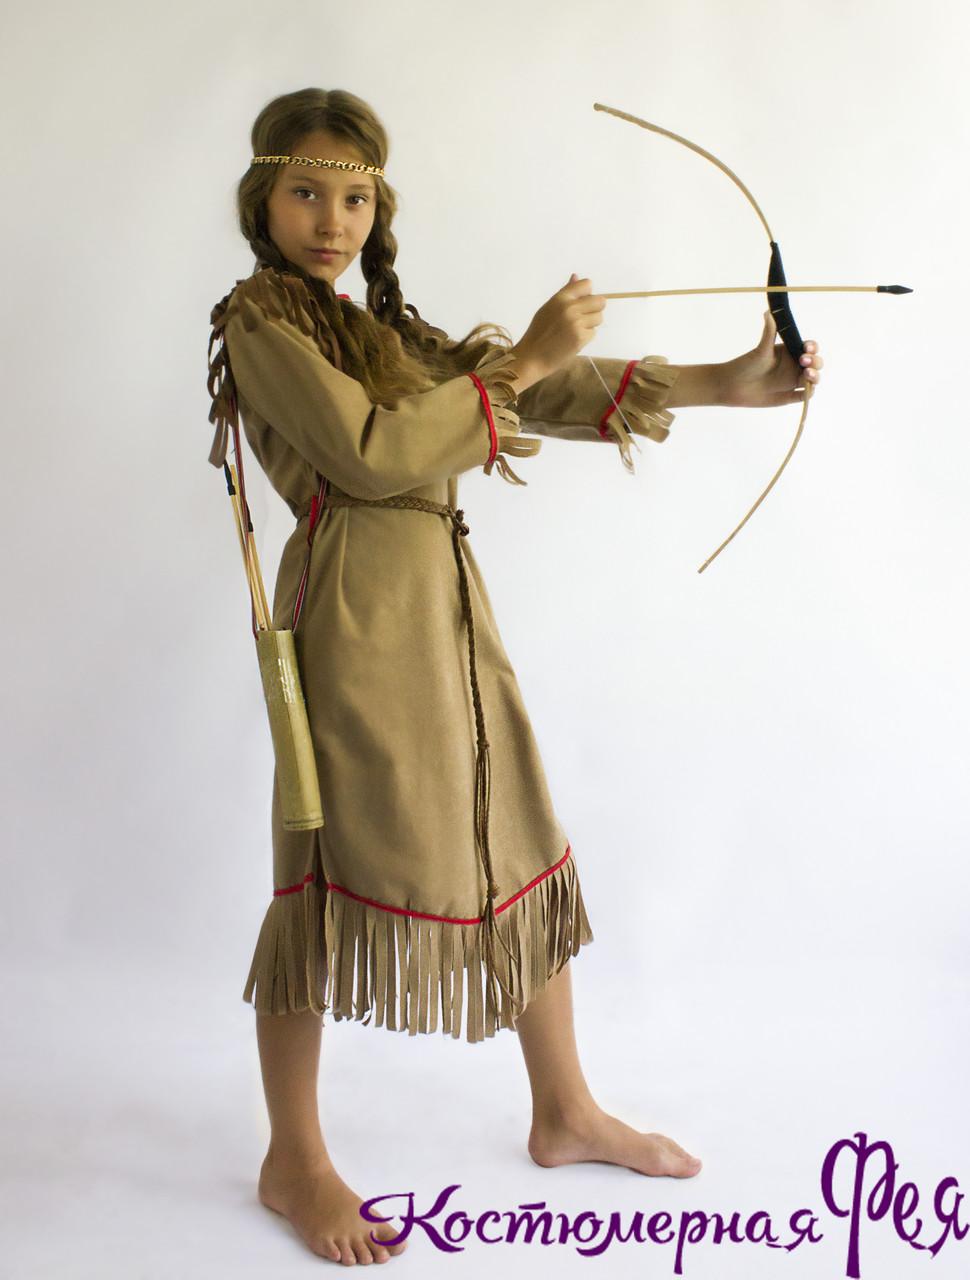 Индианка, детский карнавальный костюм индейца для девочки (код 51/2)